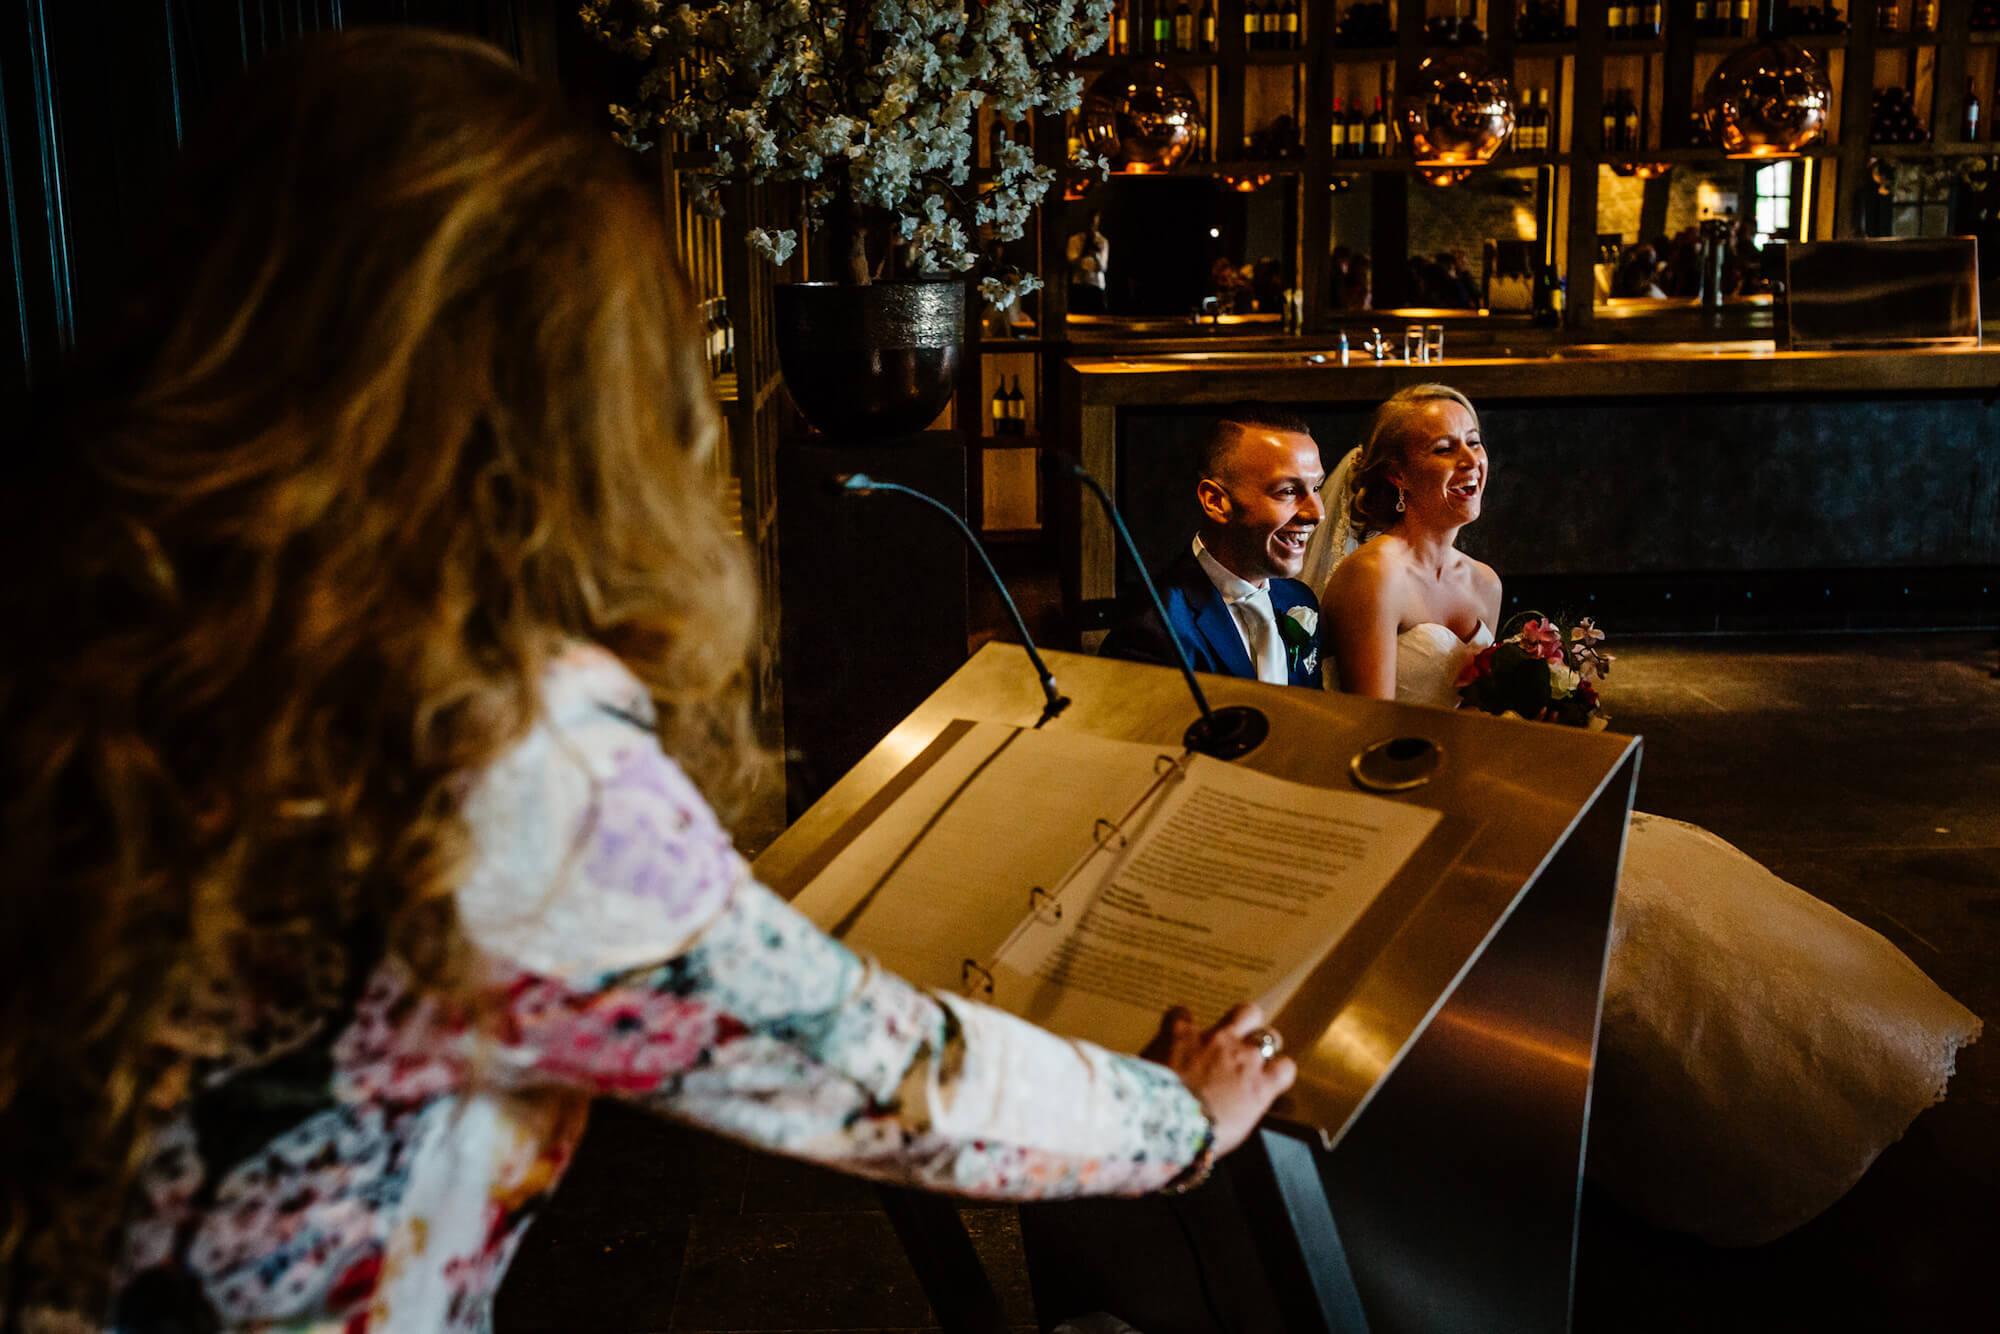 griekse-bruiloft-trouwfotograaf-utrecht-18.jpg